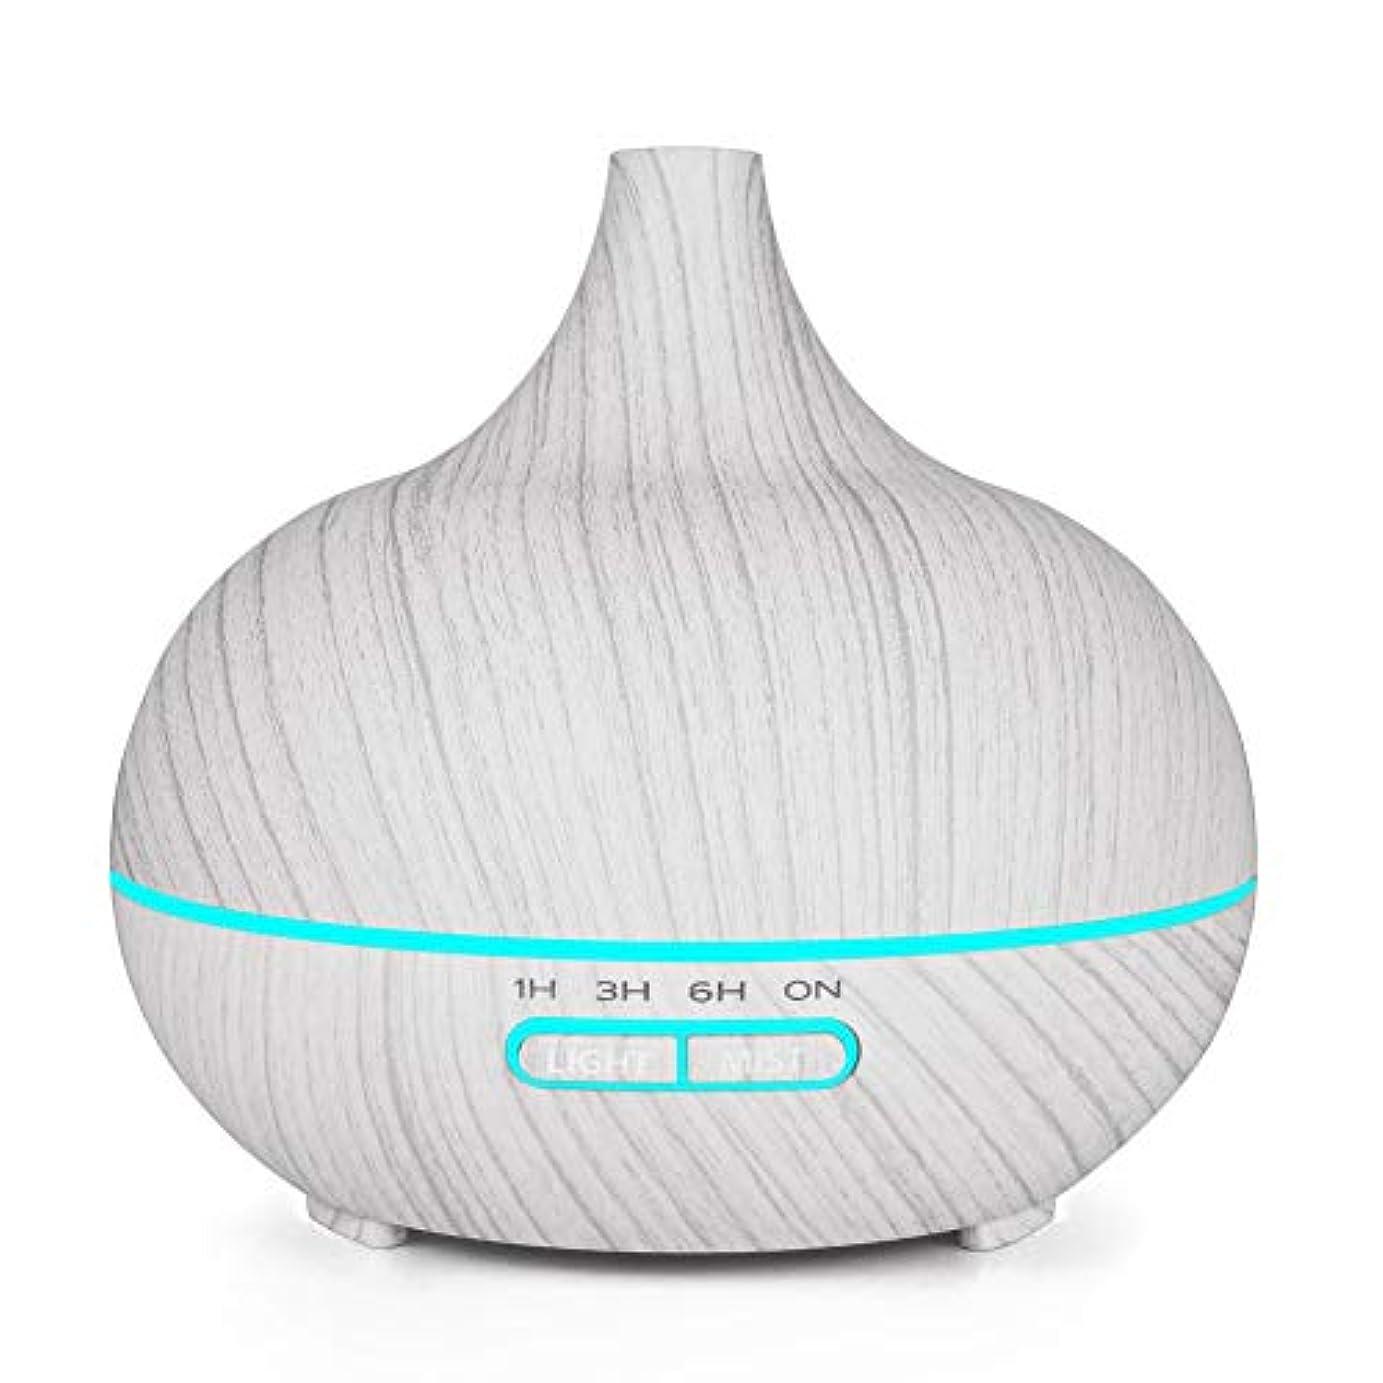 恐怖池無秩序木目 涼しい霧 加湿器,7 色 空気を浄化 加湿機 時間 手動 香り 精油 ディフューザー アロマネブライザー Yoga ベッド- 400ml